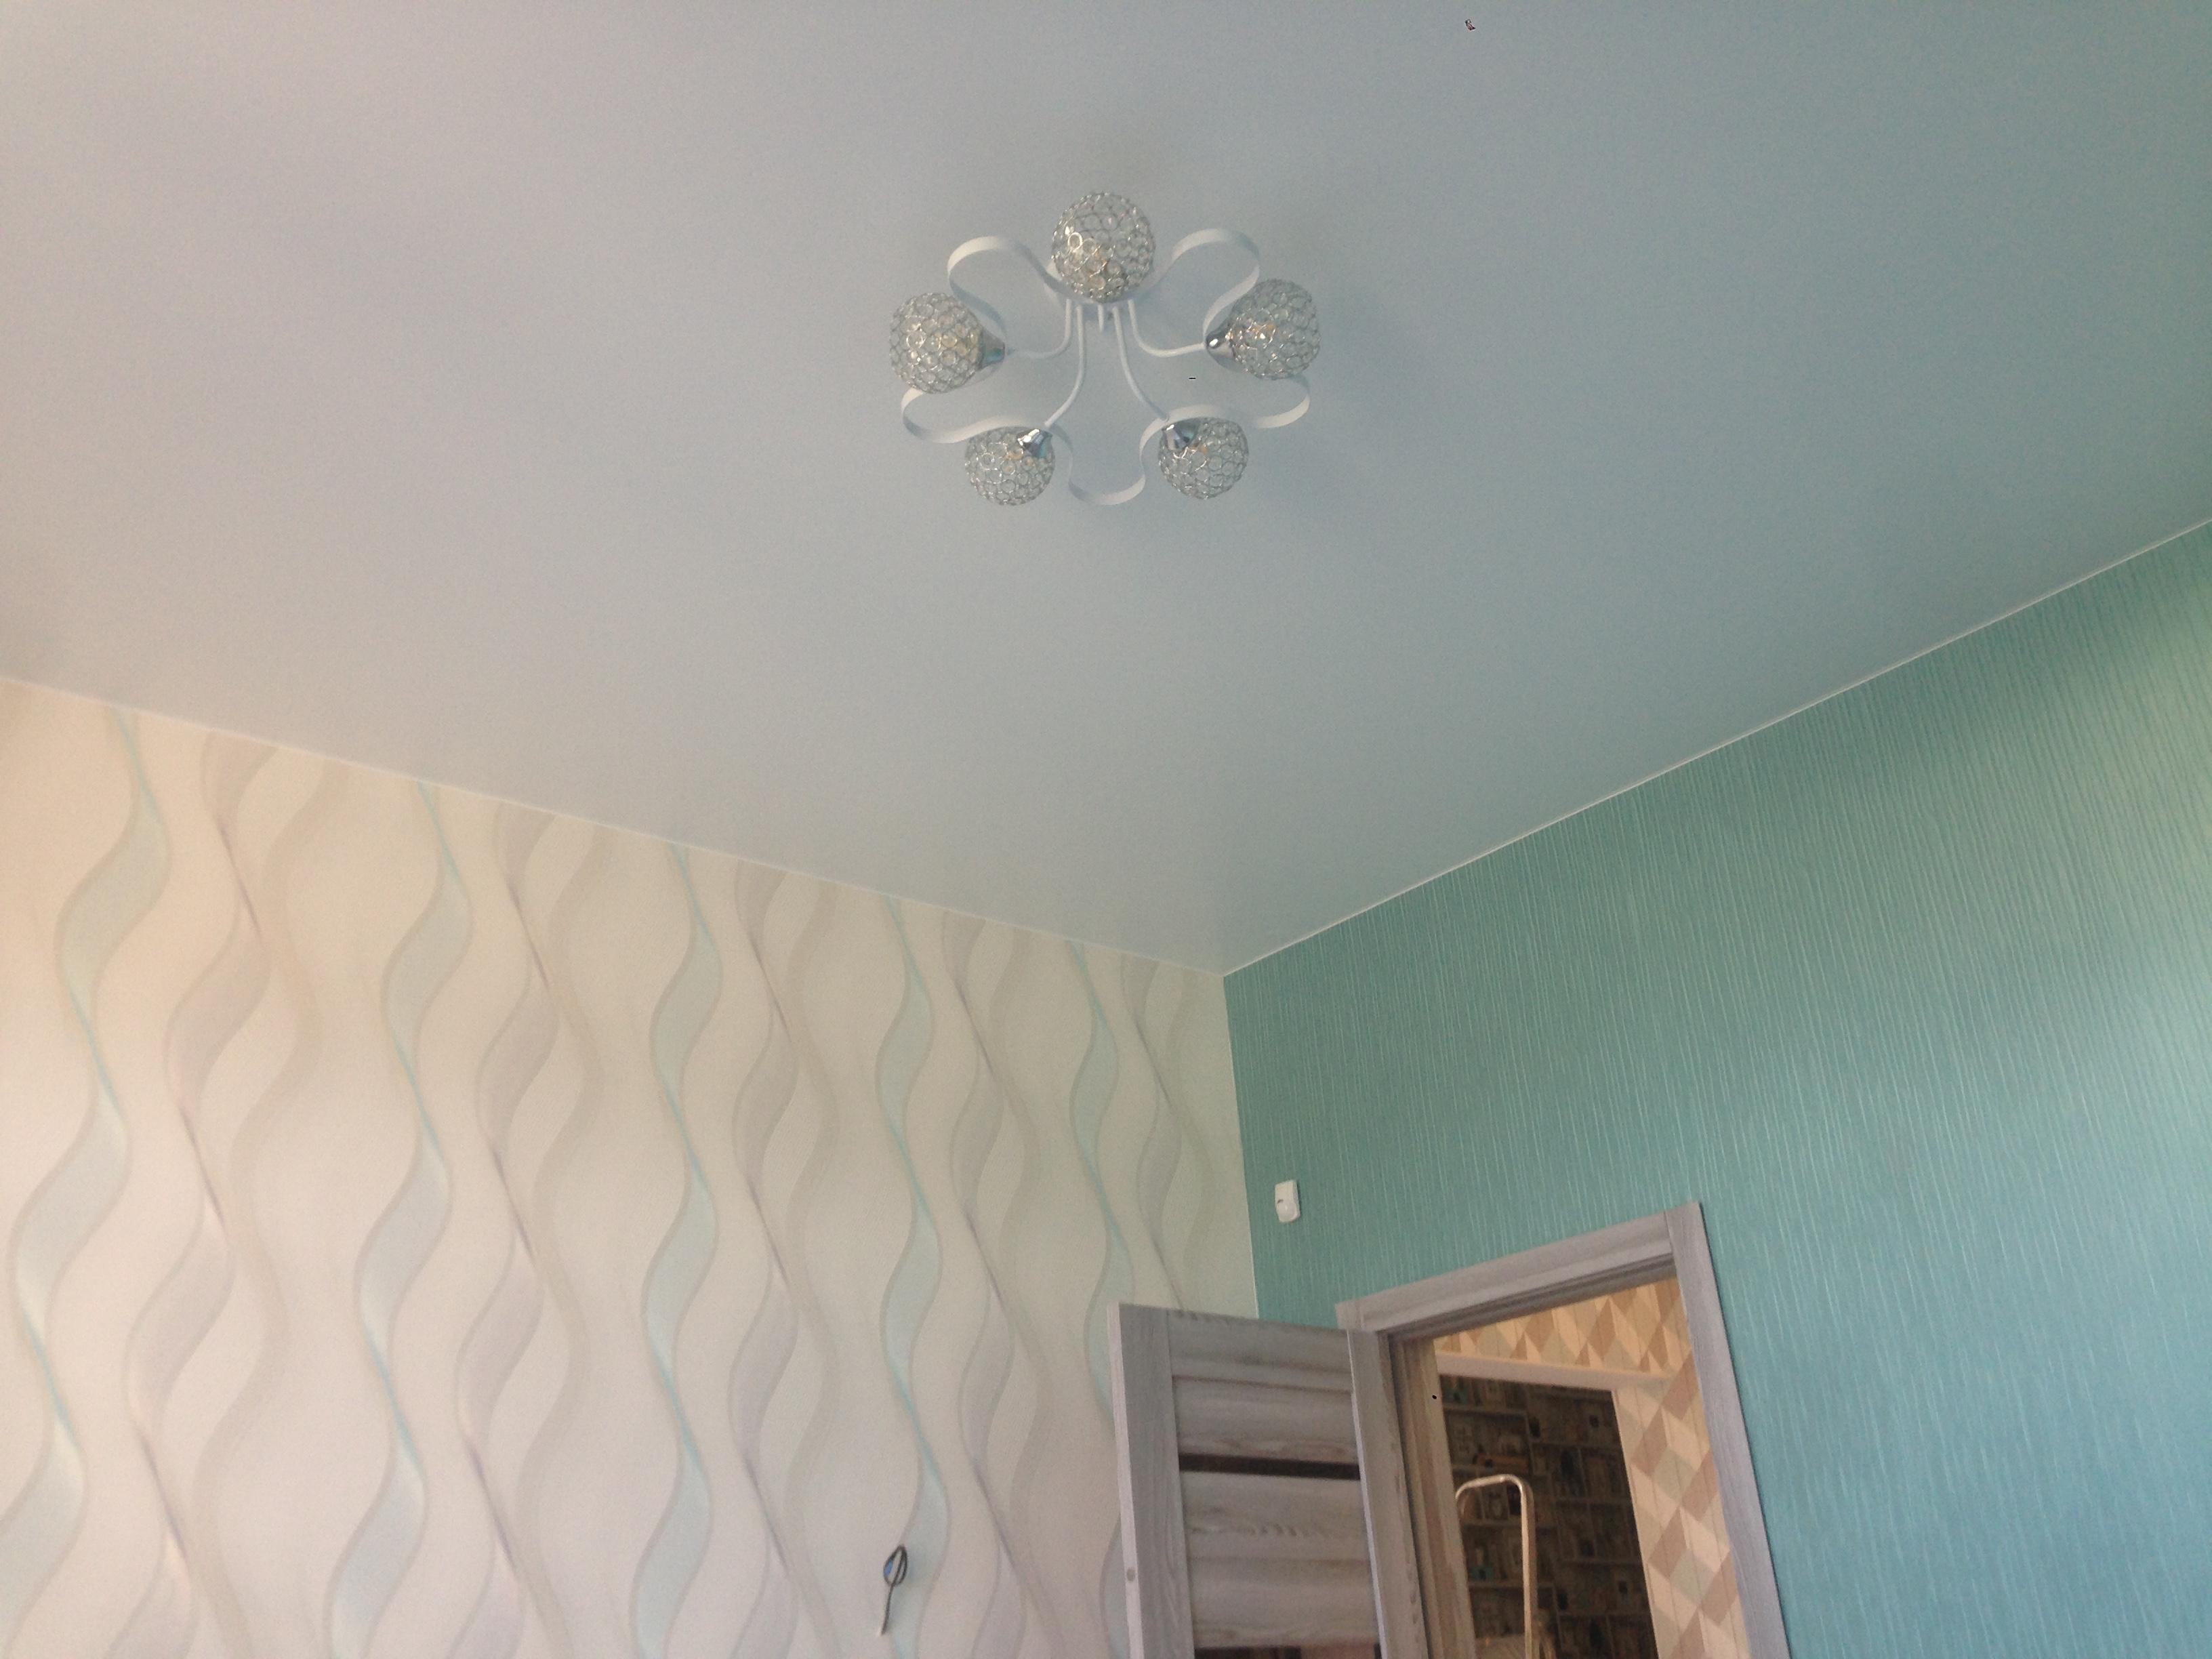 Сатиновый потолок в комнату